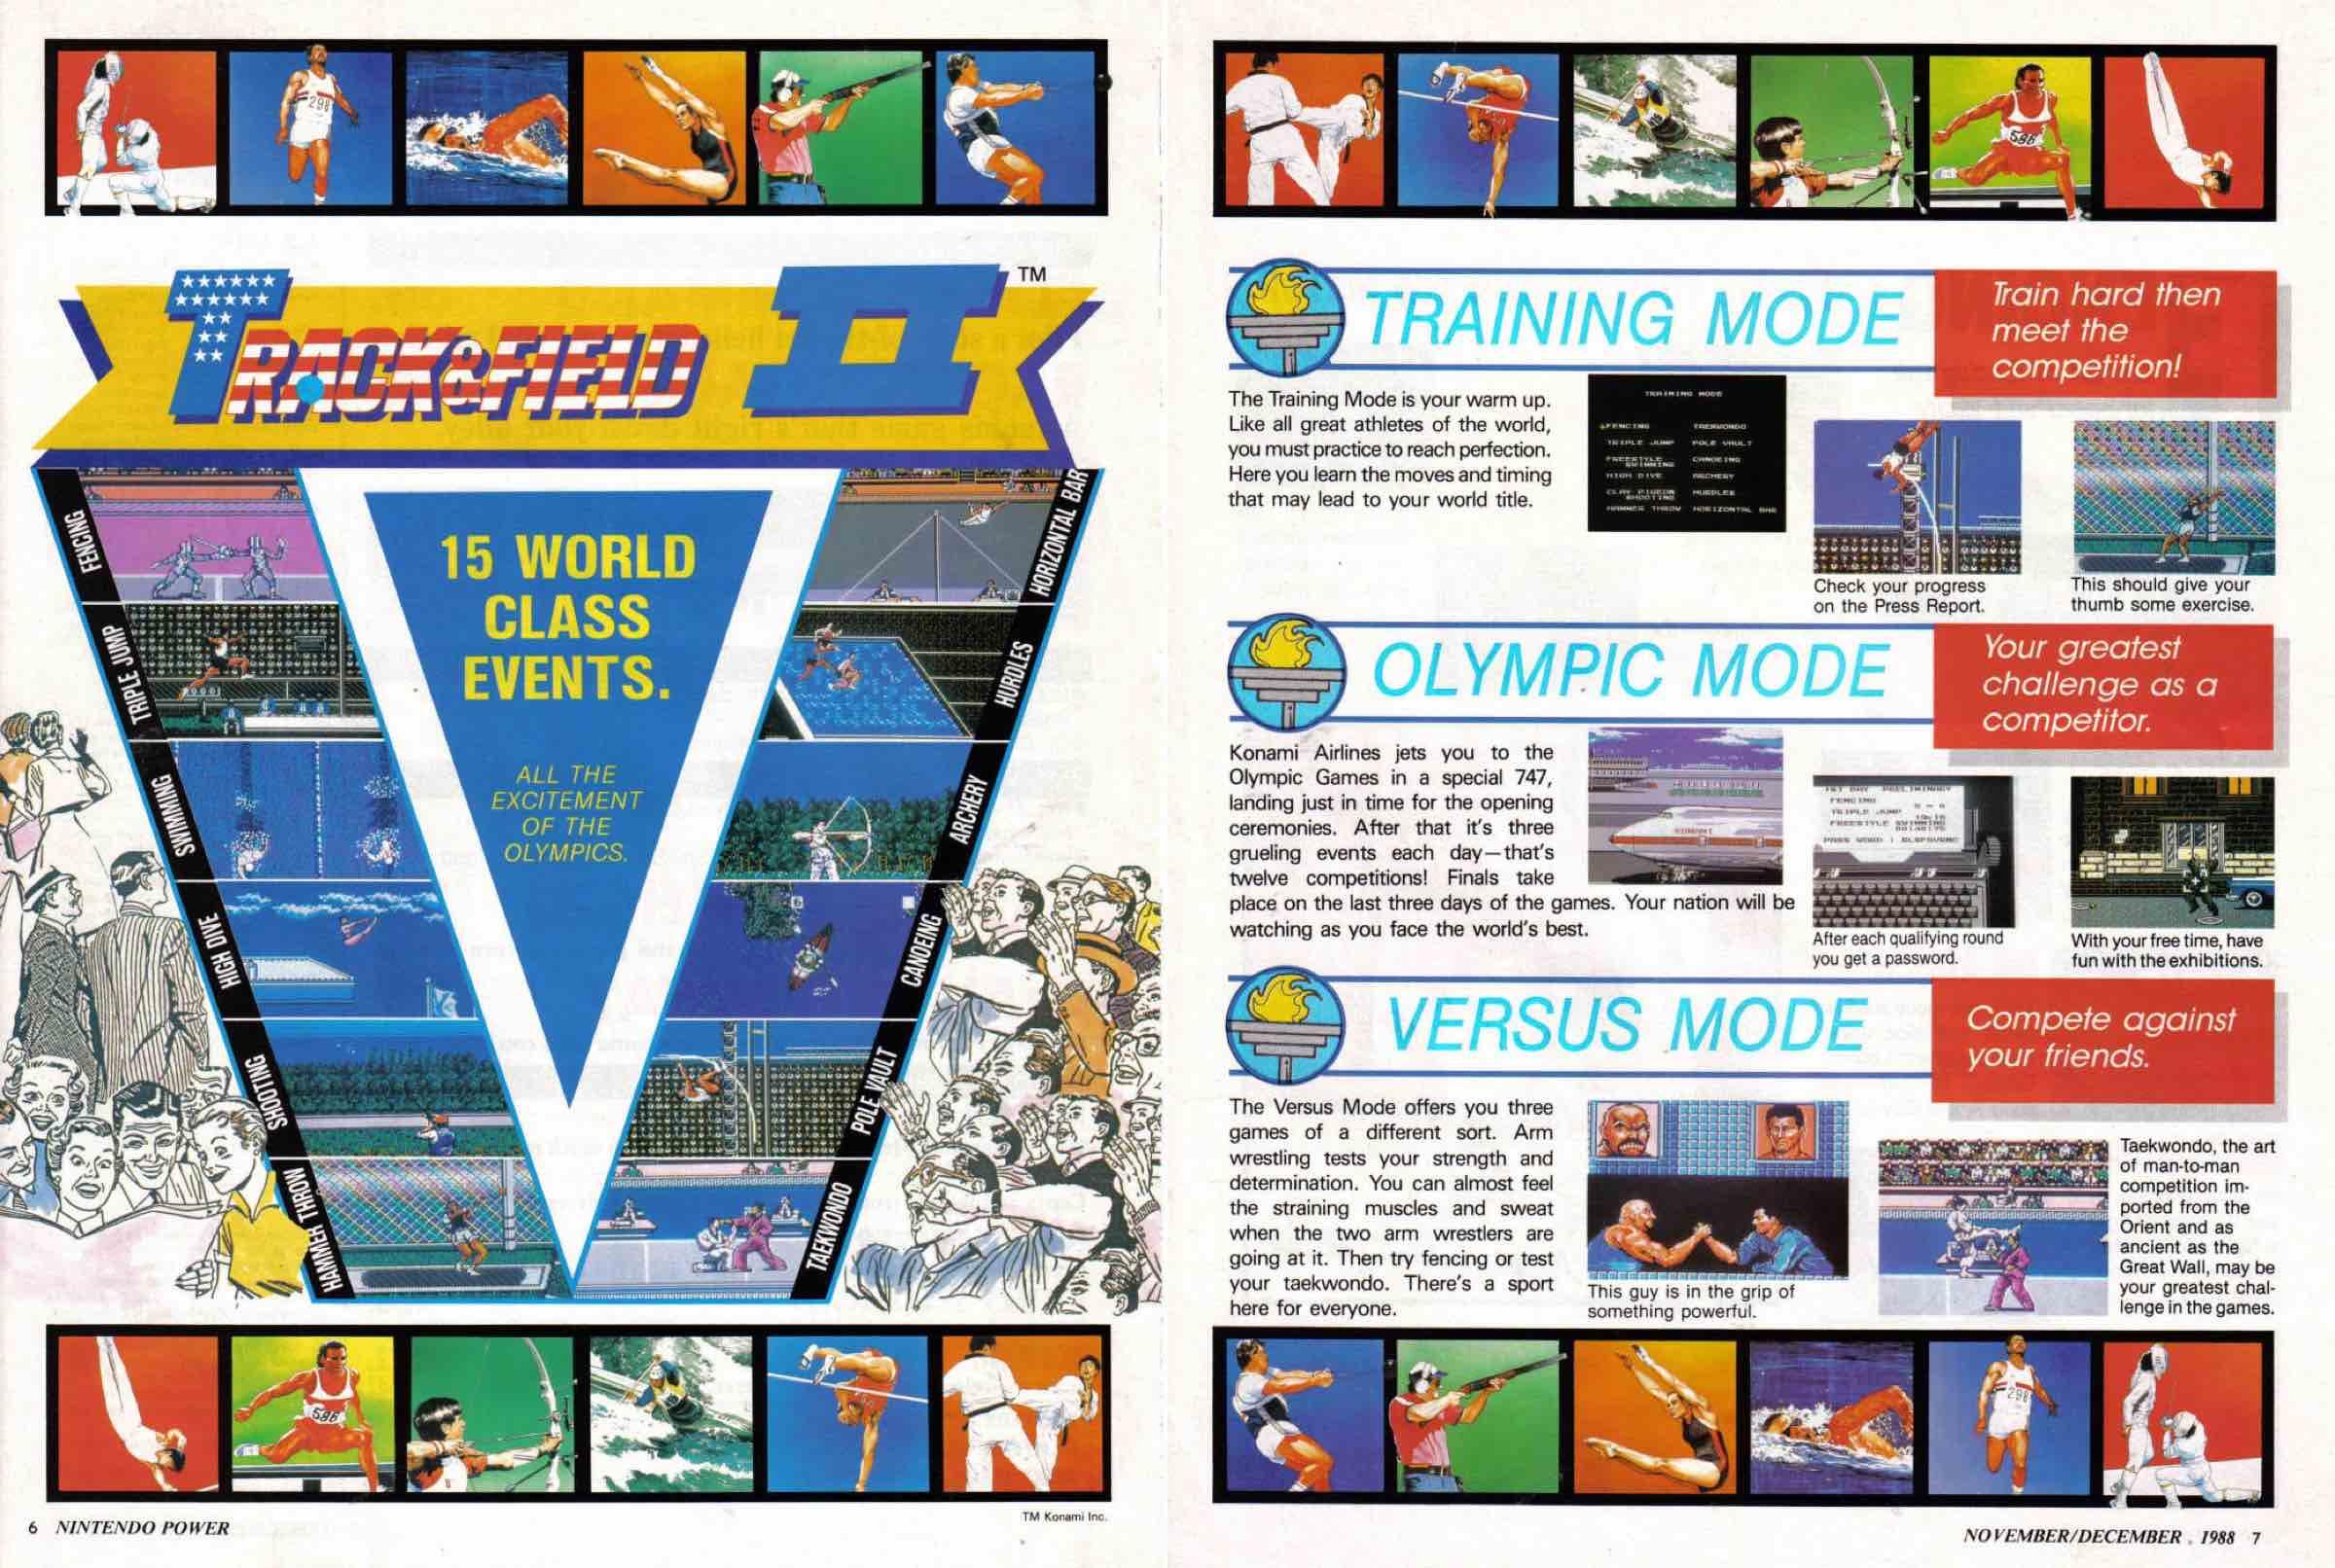 Nintendo Power | Nov Dec 1988-6-7